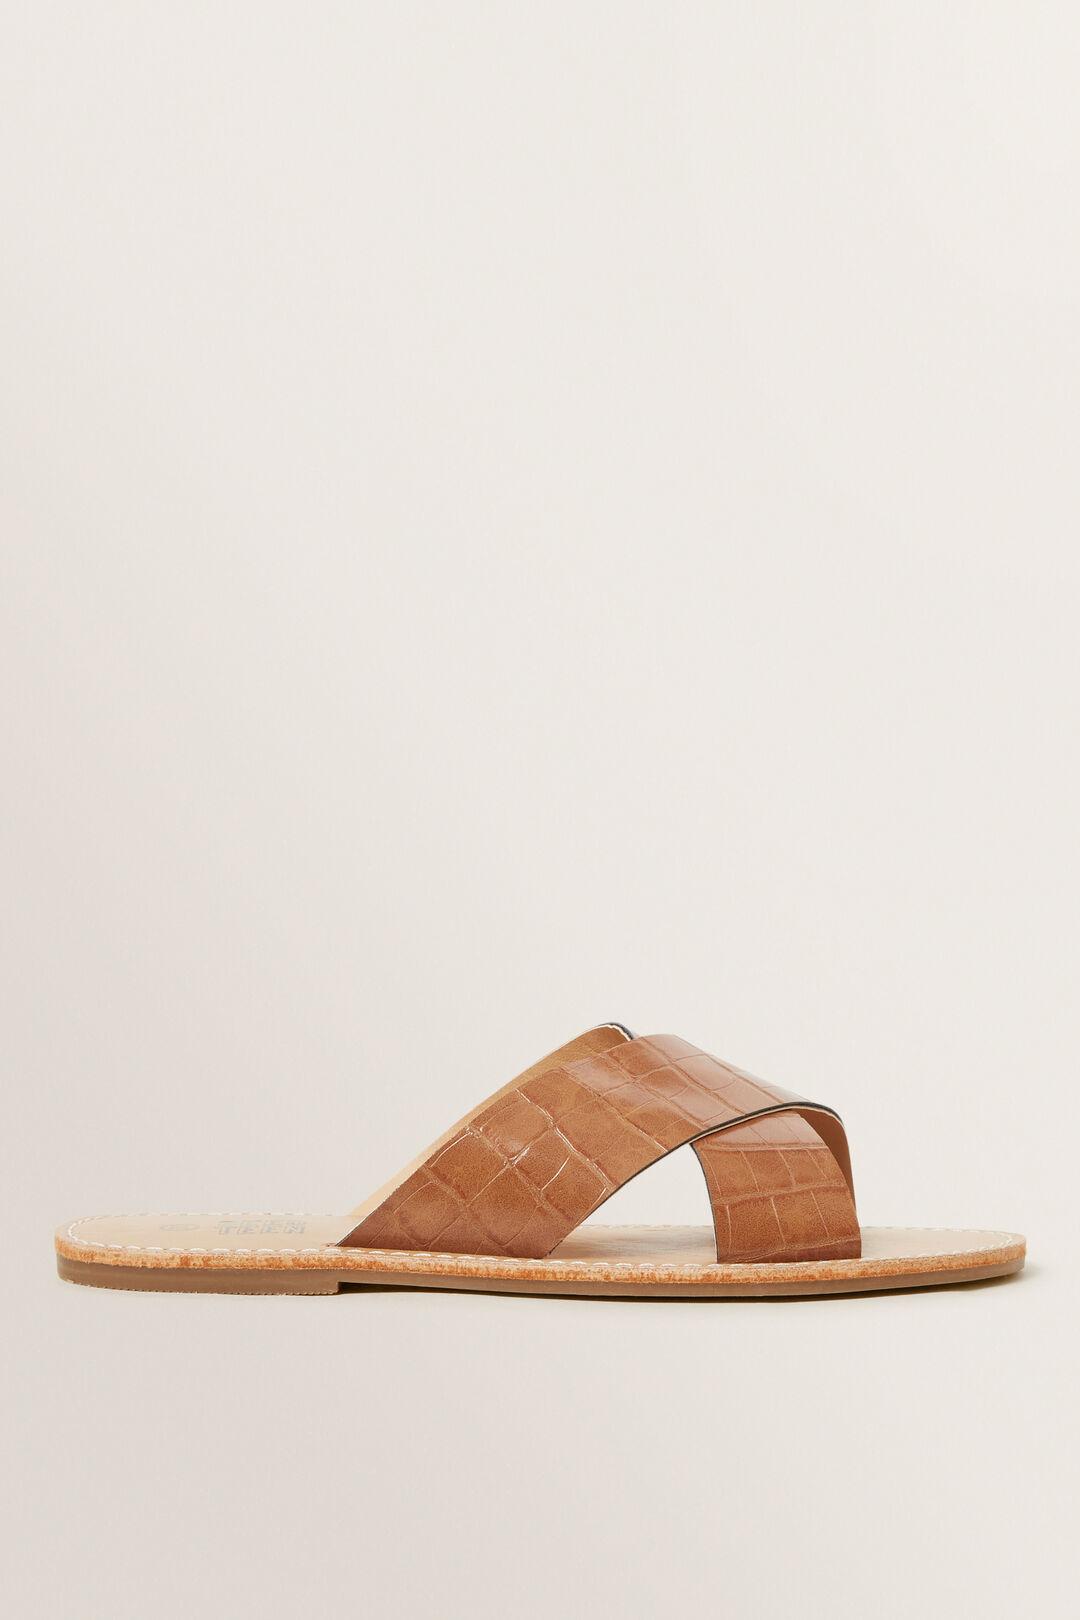 Tan Croc Slide  TAN  hi-res